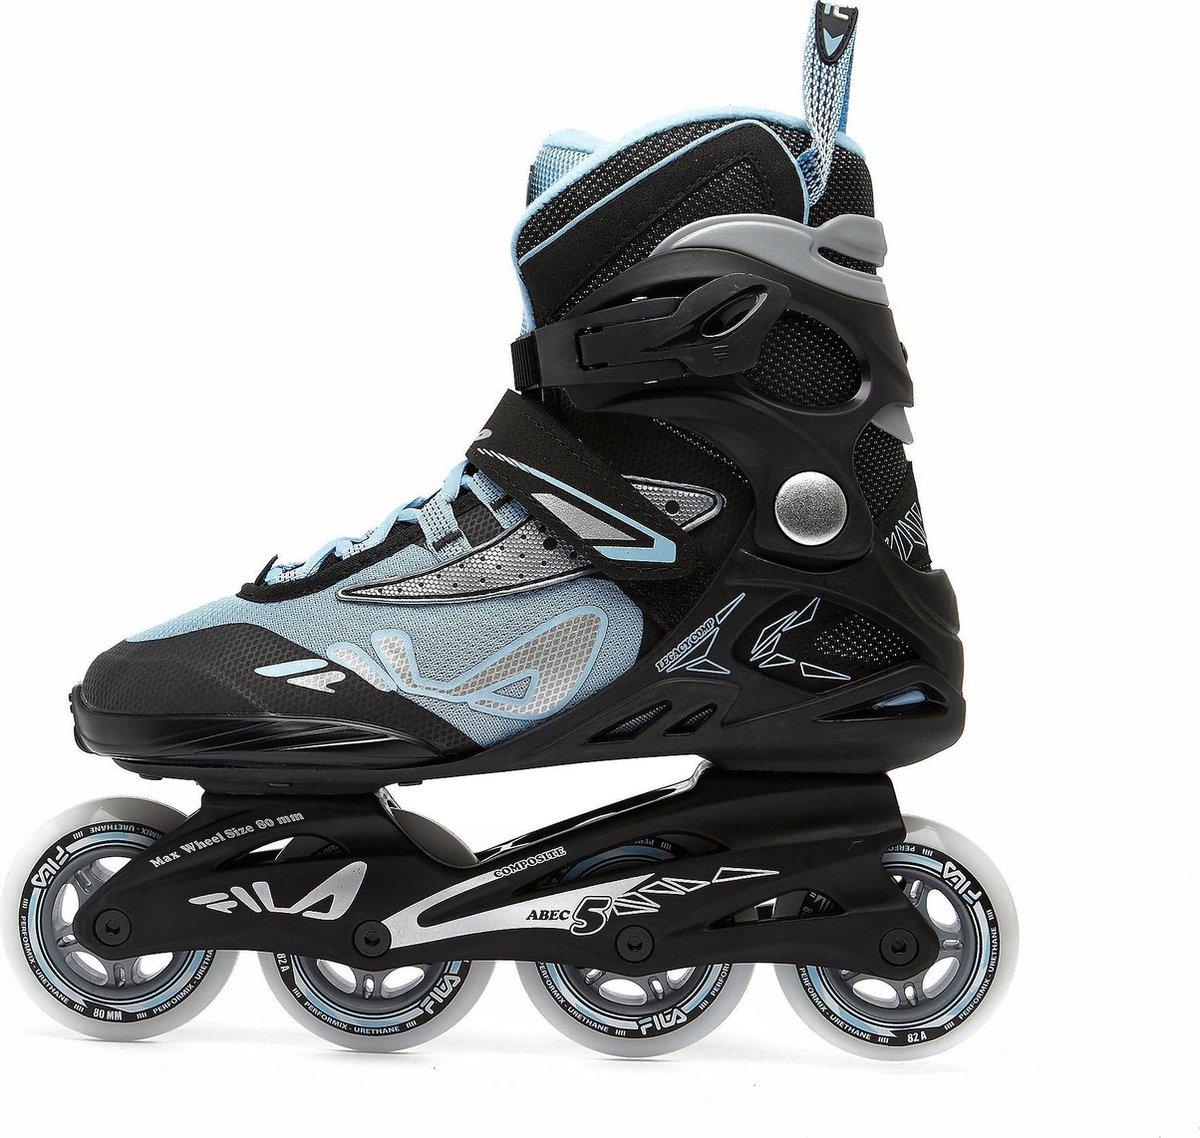 Fila Legacy Skeelers / Inline Skates - Abec 5 - Zwart / Blauw - Dames - Maat 37